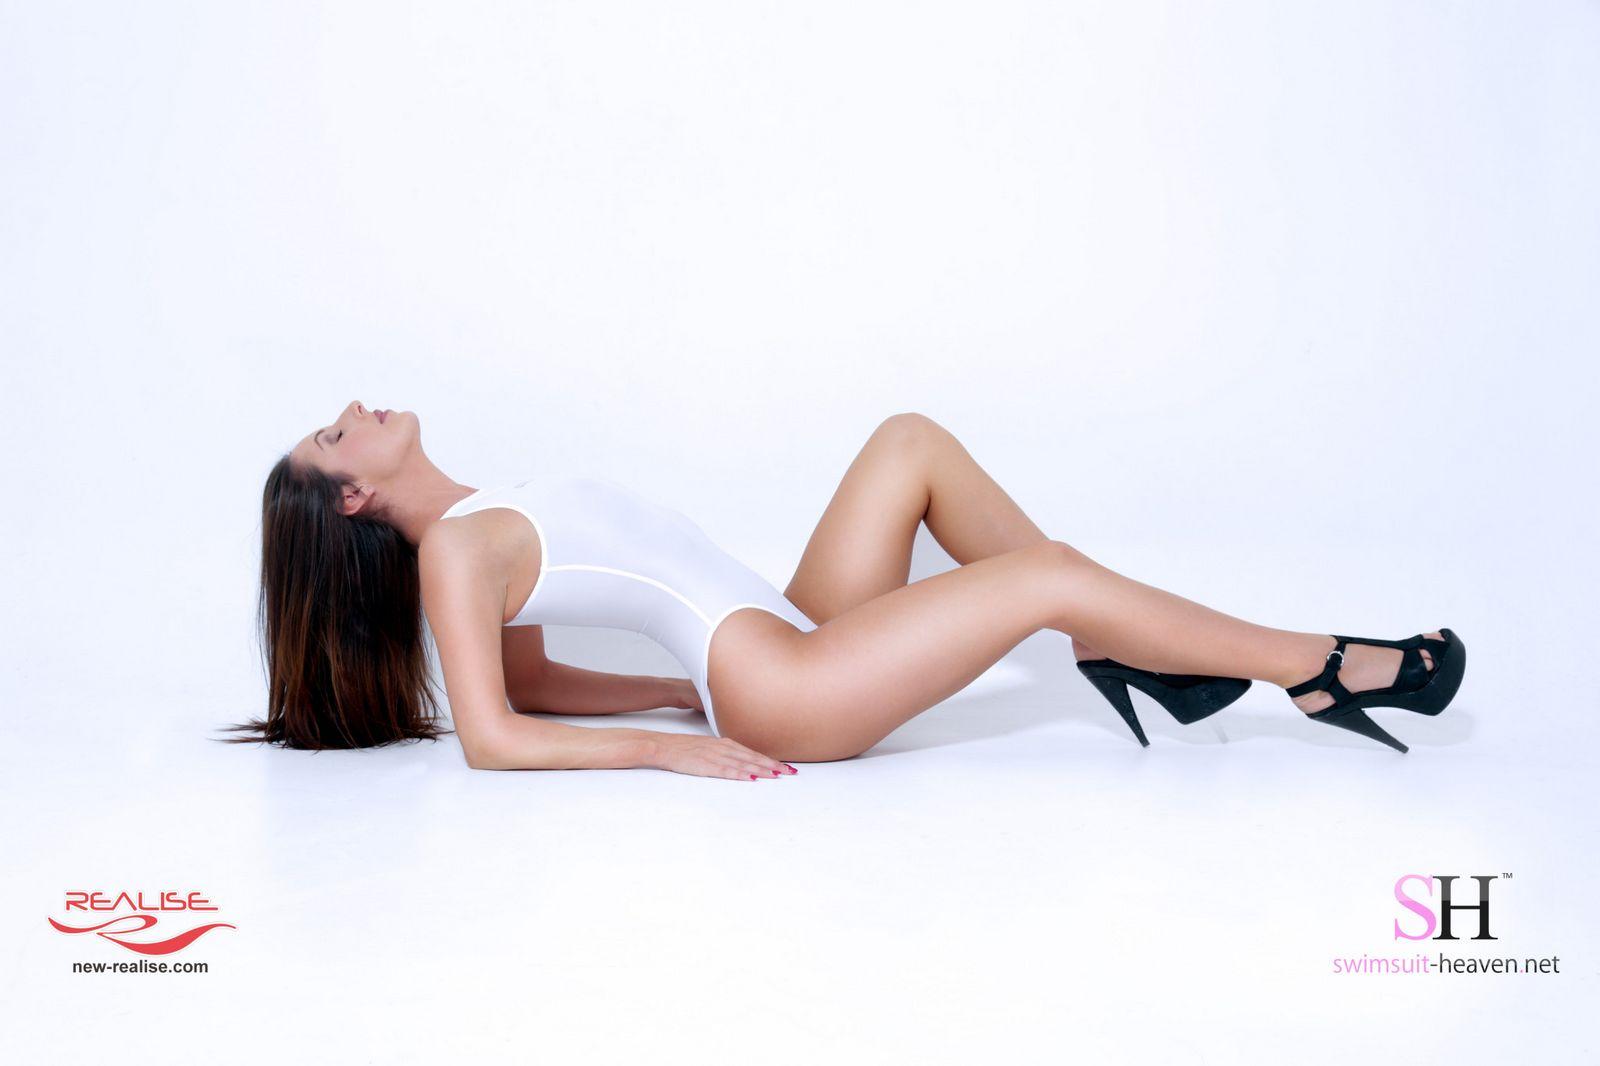 На этих красотках слитные купальники смотрятся безумно сексуально – их идеальные фигуры выглядят эффектно